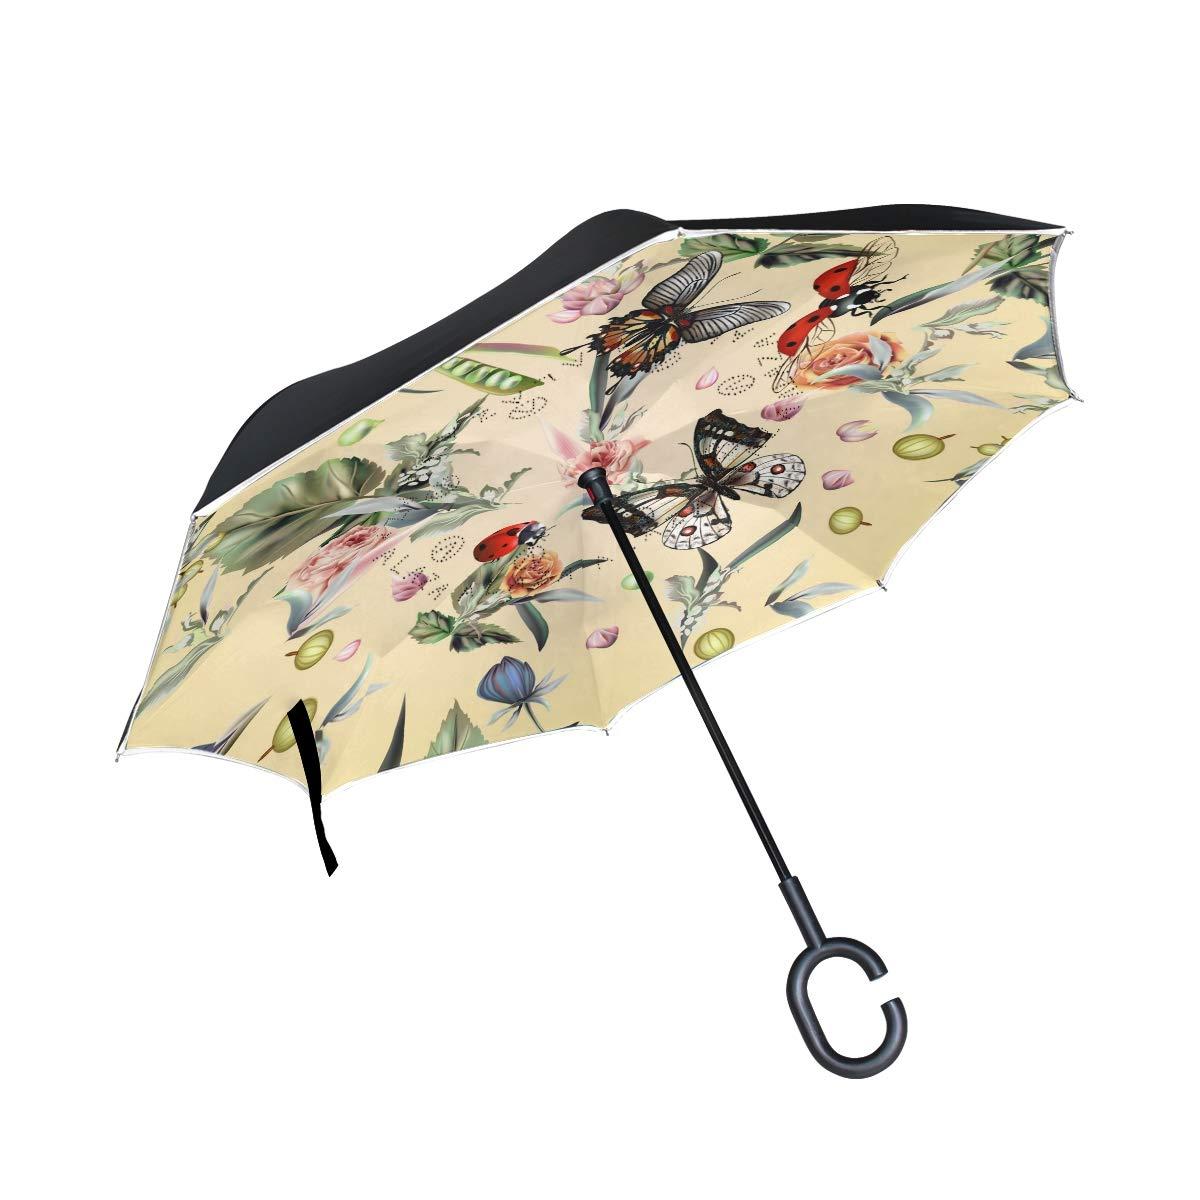 ALINLO inversé Parapluie rétro Printemps Papillon Imprimé Floral, Double Couche Envers Parapluie pour Voiture Pluie étanche d\'extérieur avec poignée en Forme de C